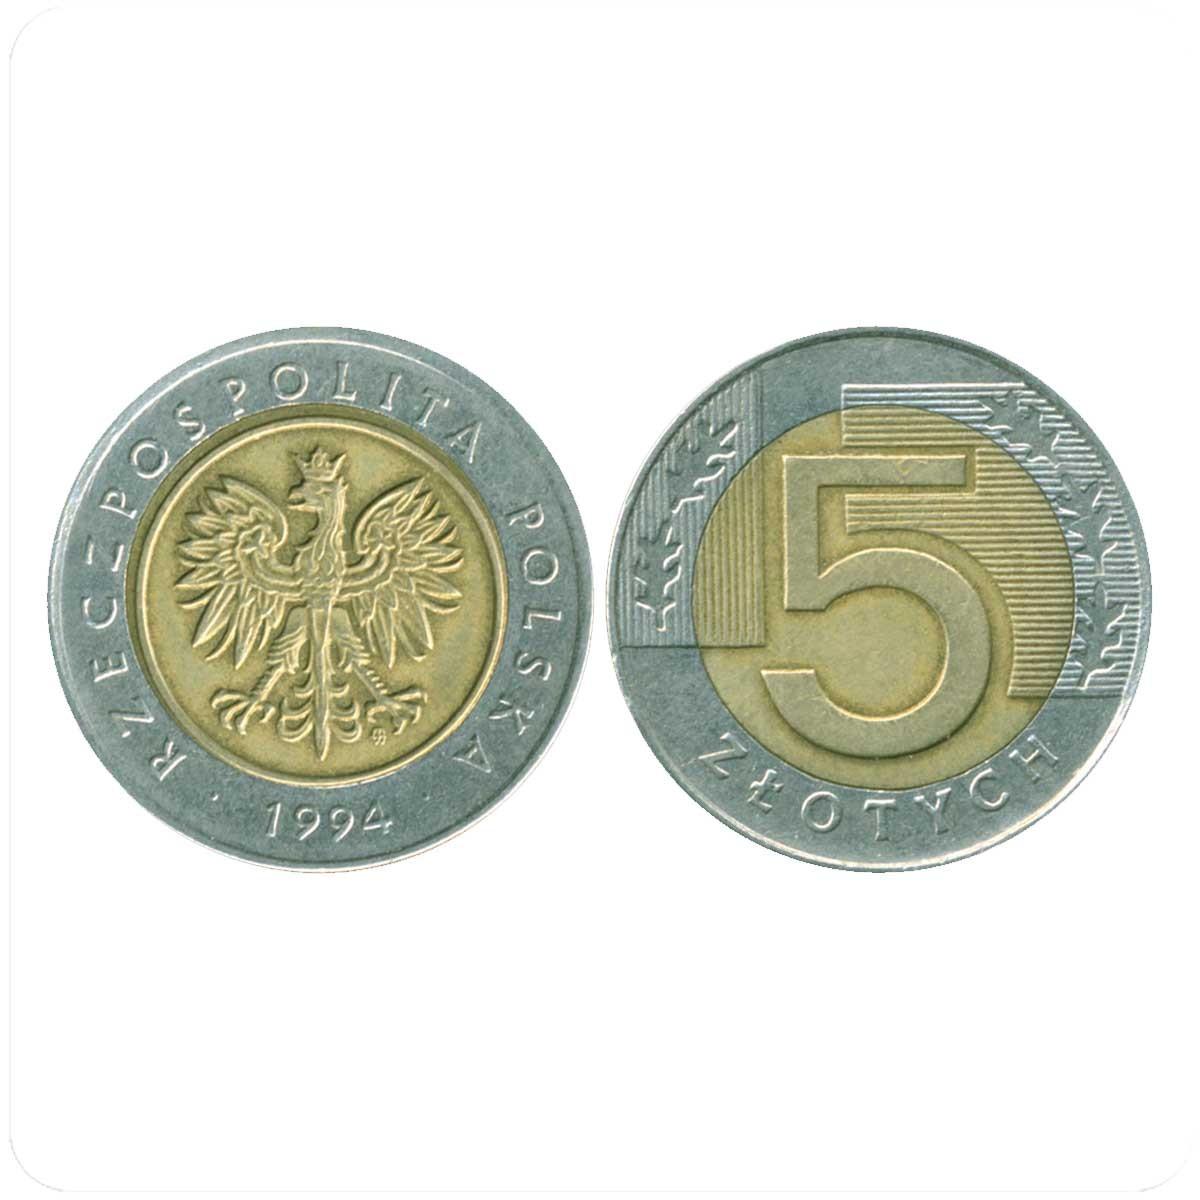 Польские монеты 5 злотых 1994 года купить монеты георгий победоносец цена